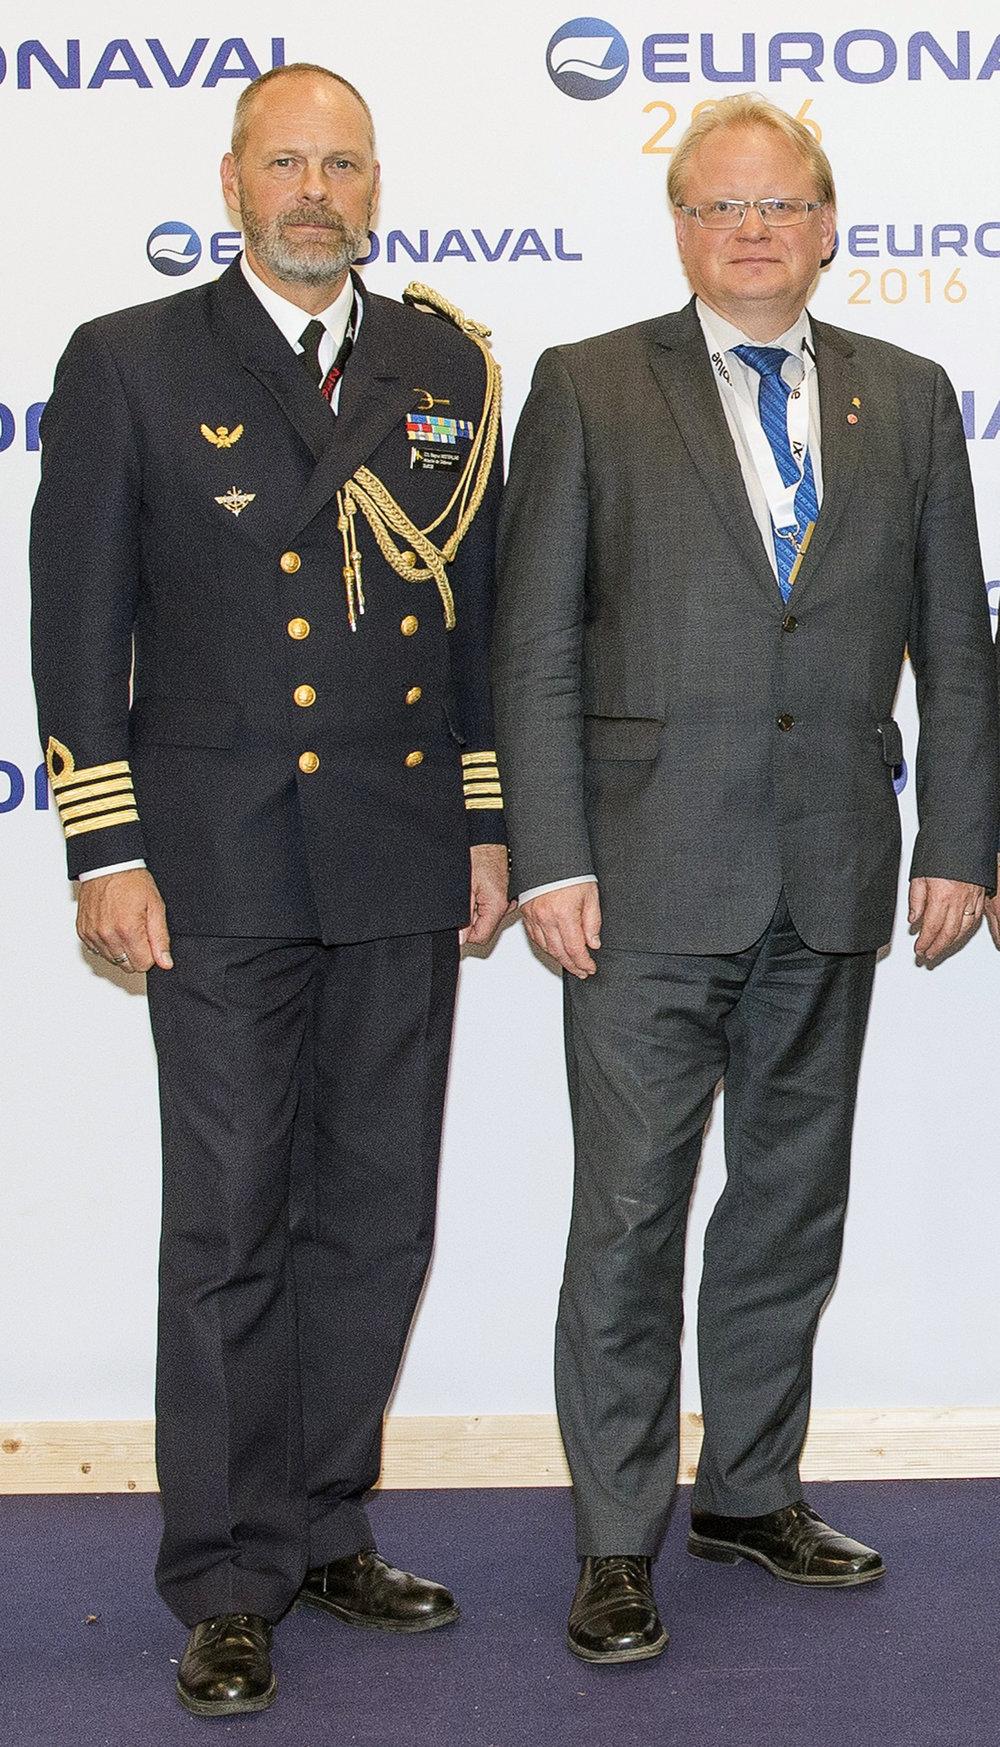 Vid den marina försvarsmaterielmässan Euronaval tillsammans med försvarsministern